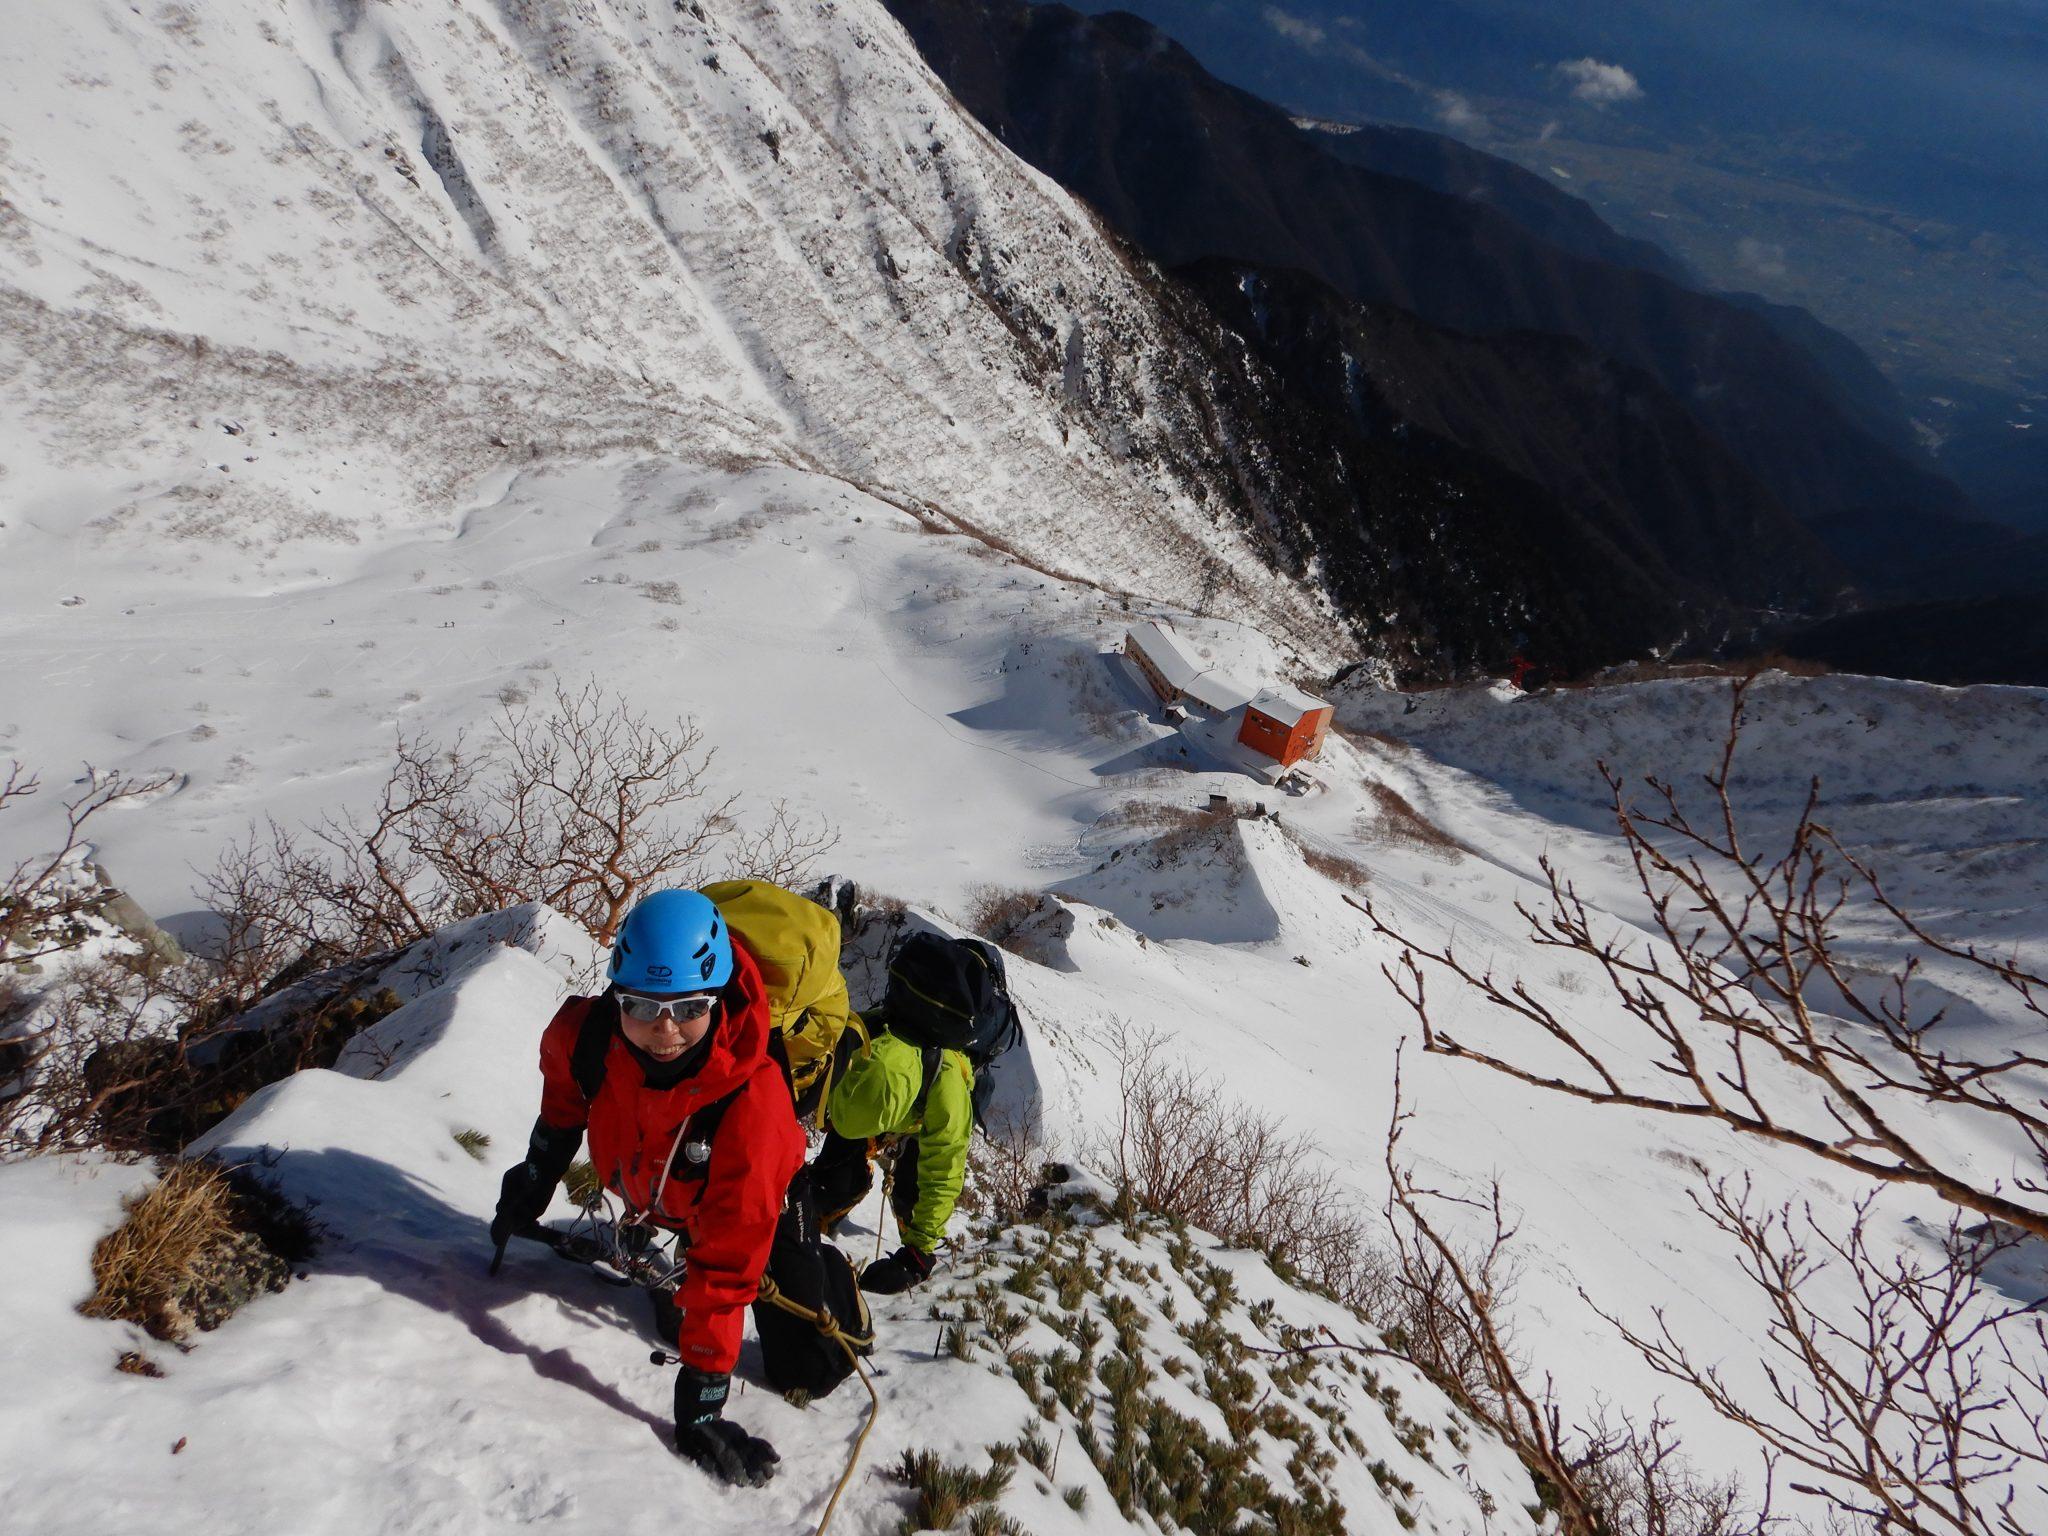 アイゼン+ピッケルワーク講習+滑落停止訓練とサギダル尾根から宝剣岳2日間